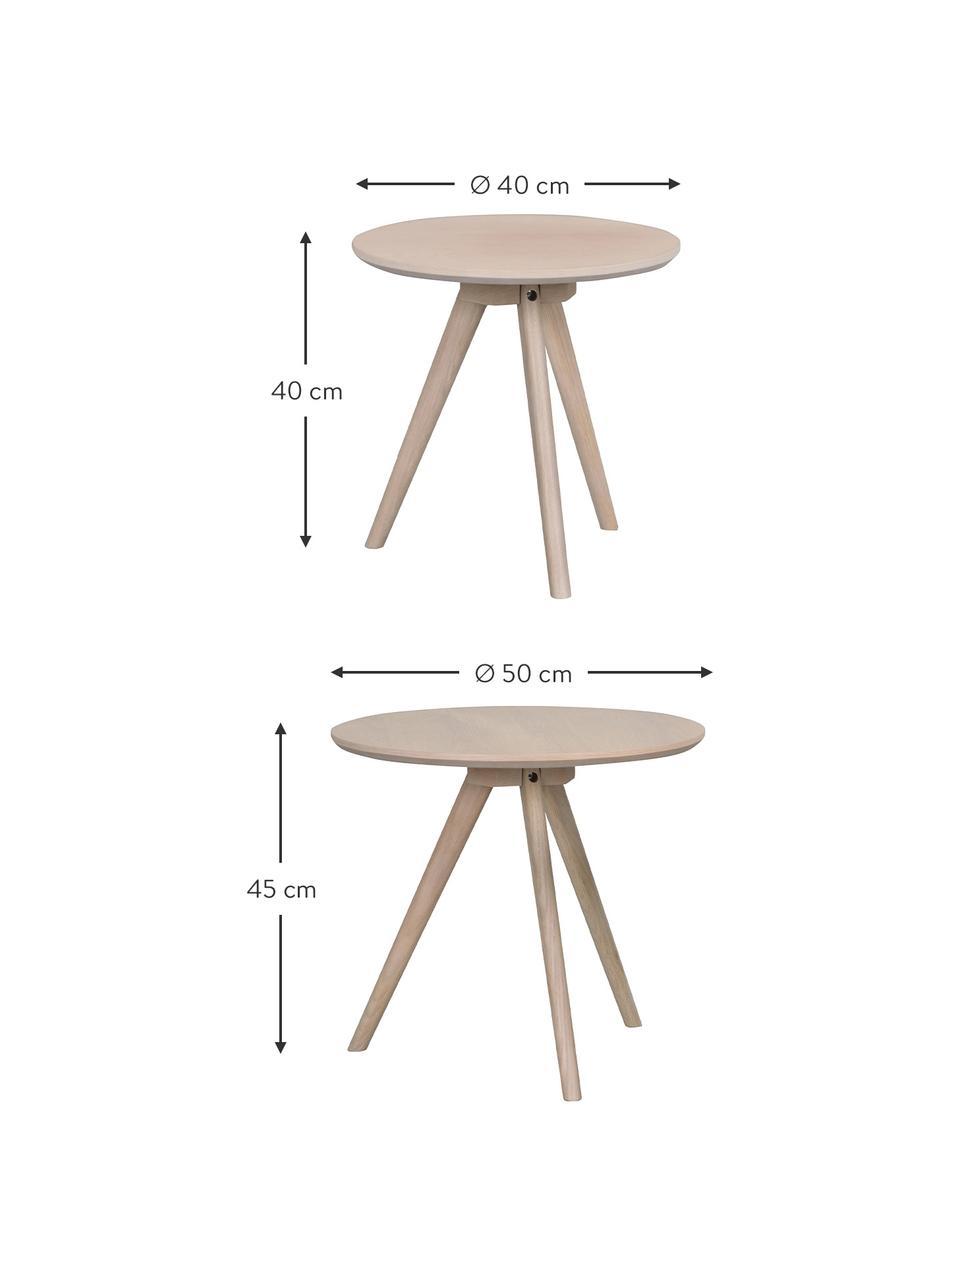 Beistelltisch-Set Yumi in Hellbraun, 2-tlg., Tischplatte: Mitteldichte Holzfaserpla, Beine: Eichenholz, massiv, Hellbraun, grau gewaschen, Set mit verschiedenen Größen